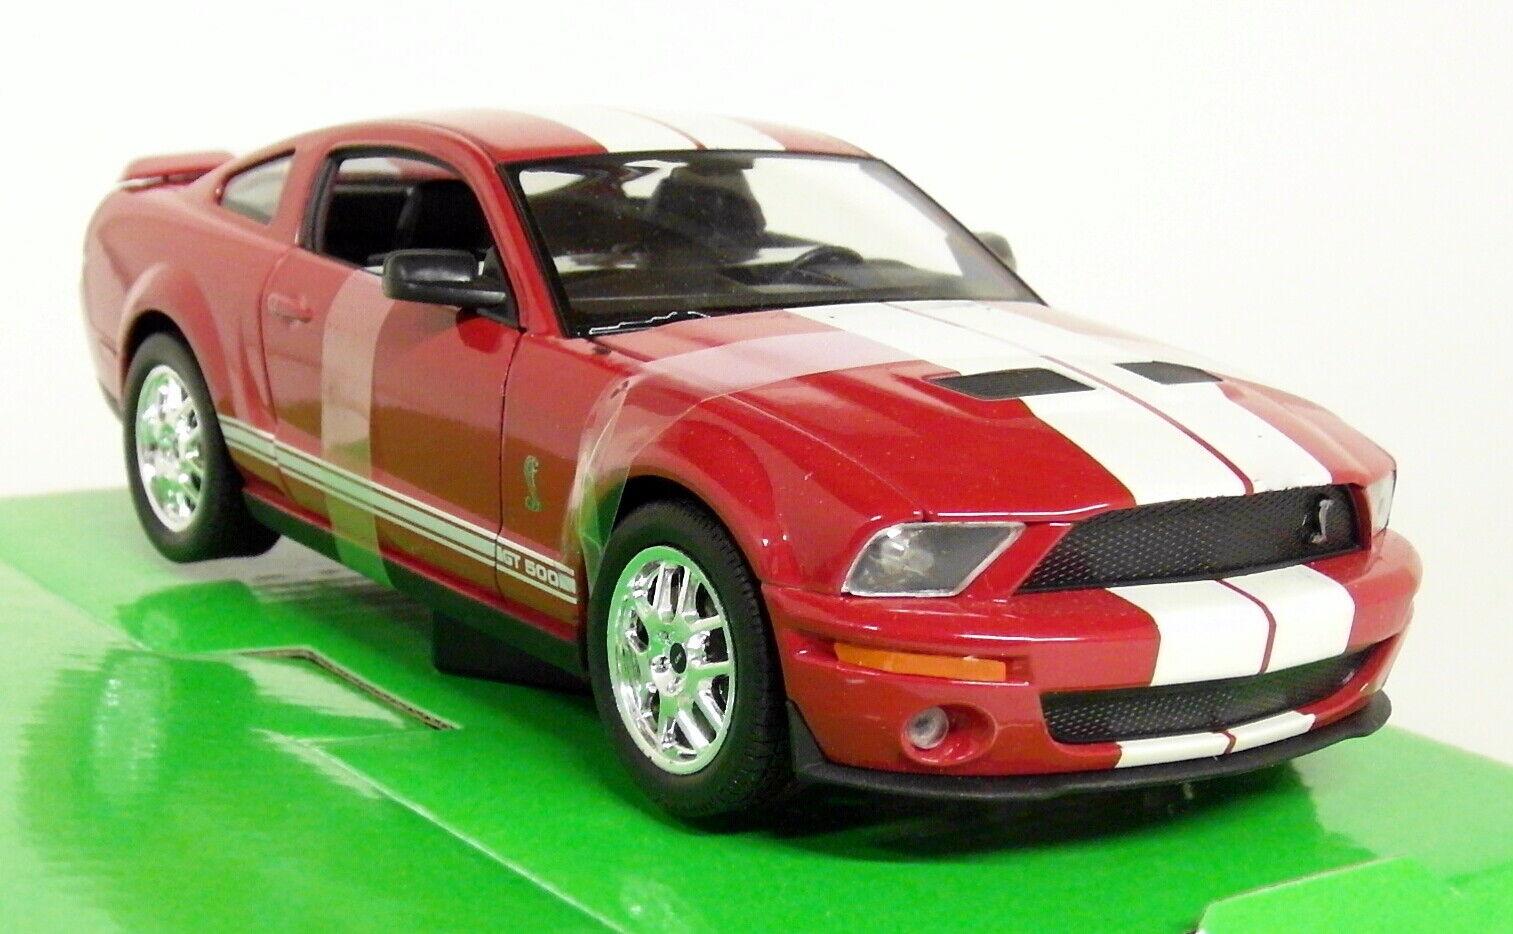 Nex modellllerler 1  24 -27 skala - 2007 Shelby Cobra GT500 Mustang röd tärningskast modellllerlbil